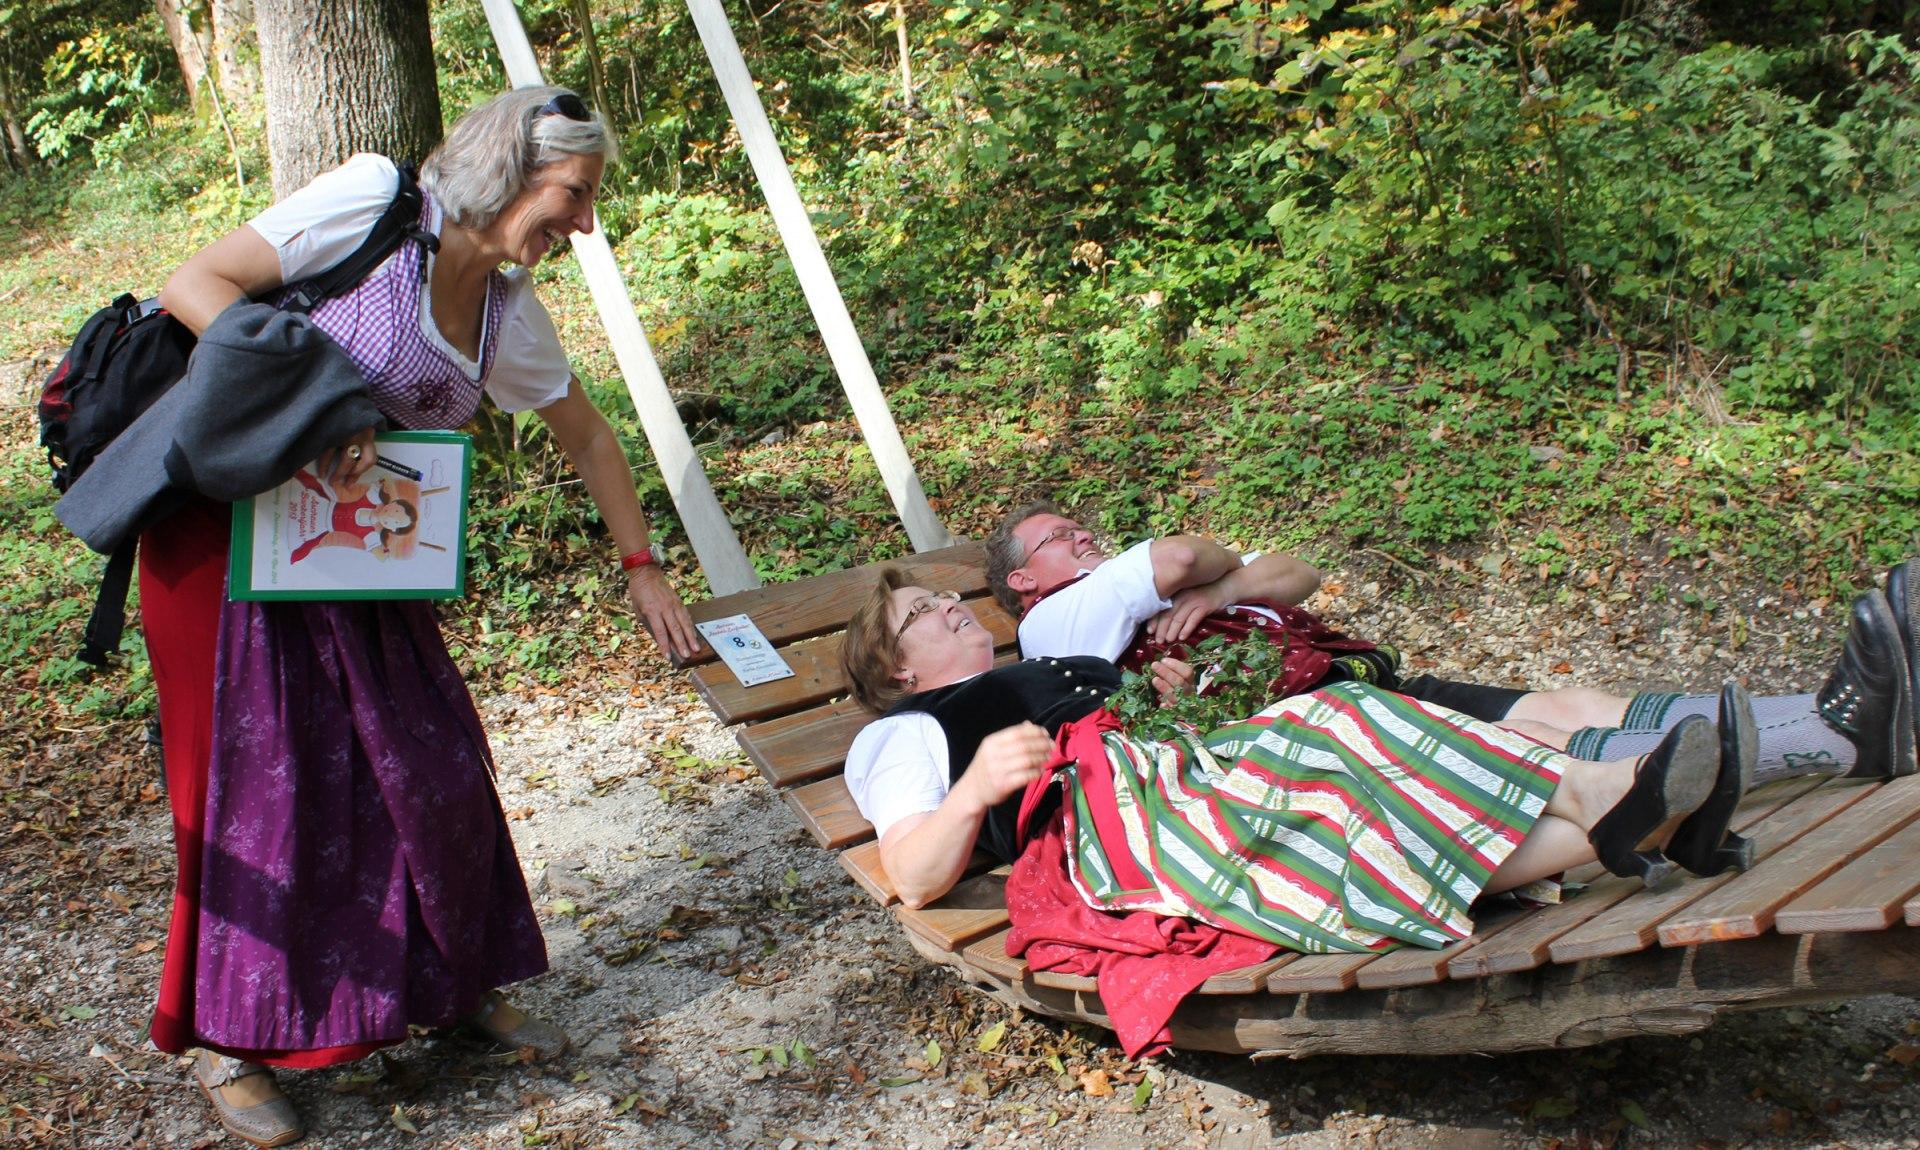 """8_Himmelswiege Station 4 """"Boarisch meditieren"""" auf der Himmelswiege, © Tourist Info Aschau i.Ch."""